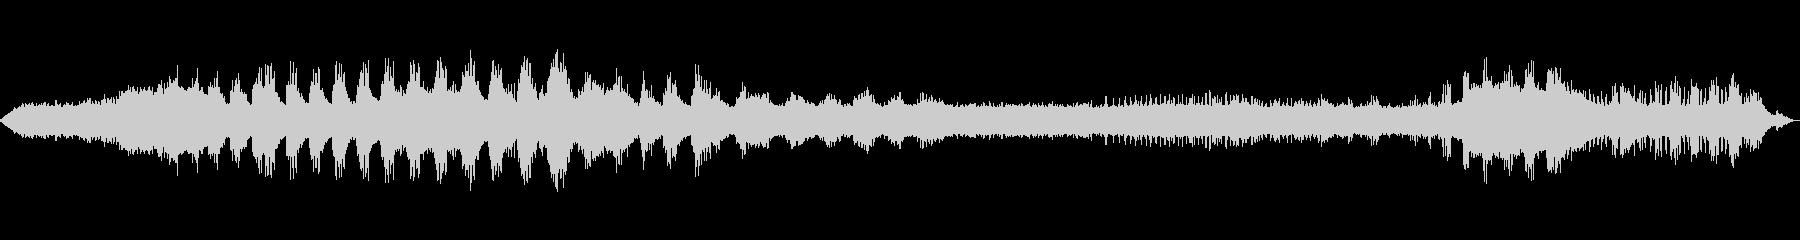 【自然音】蝉の声01(丹沢湖)の未再生の波形